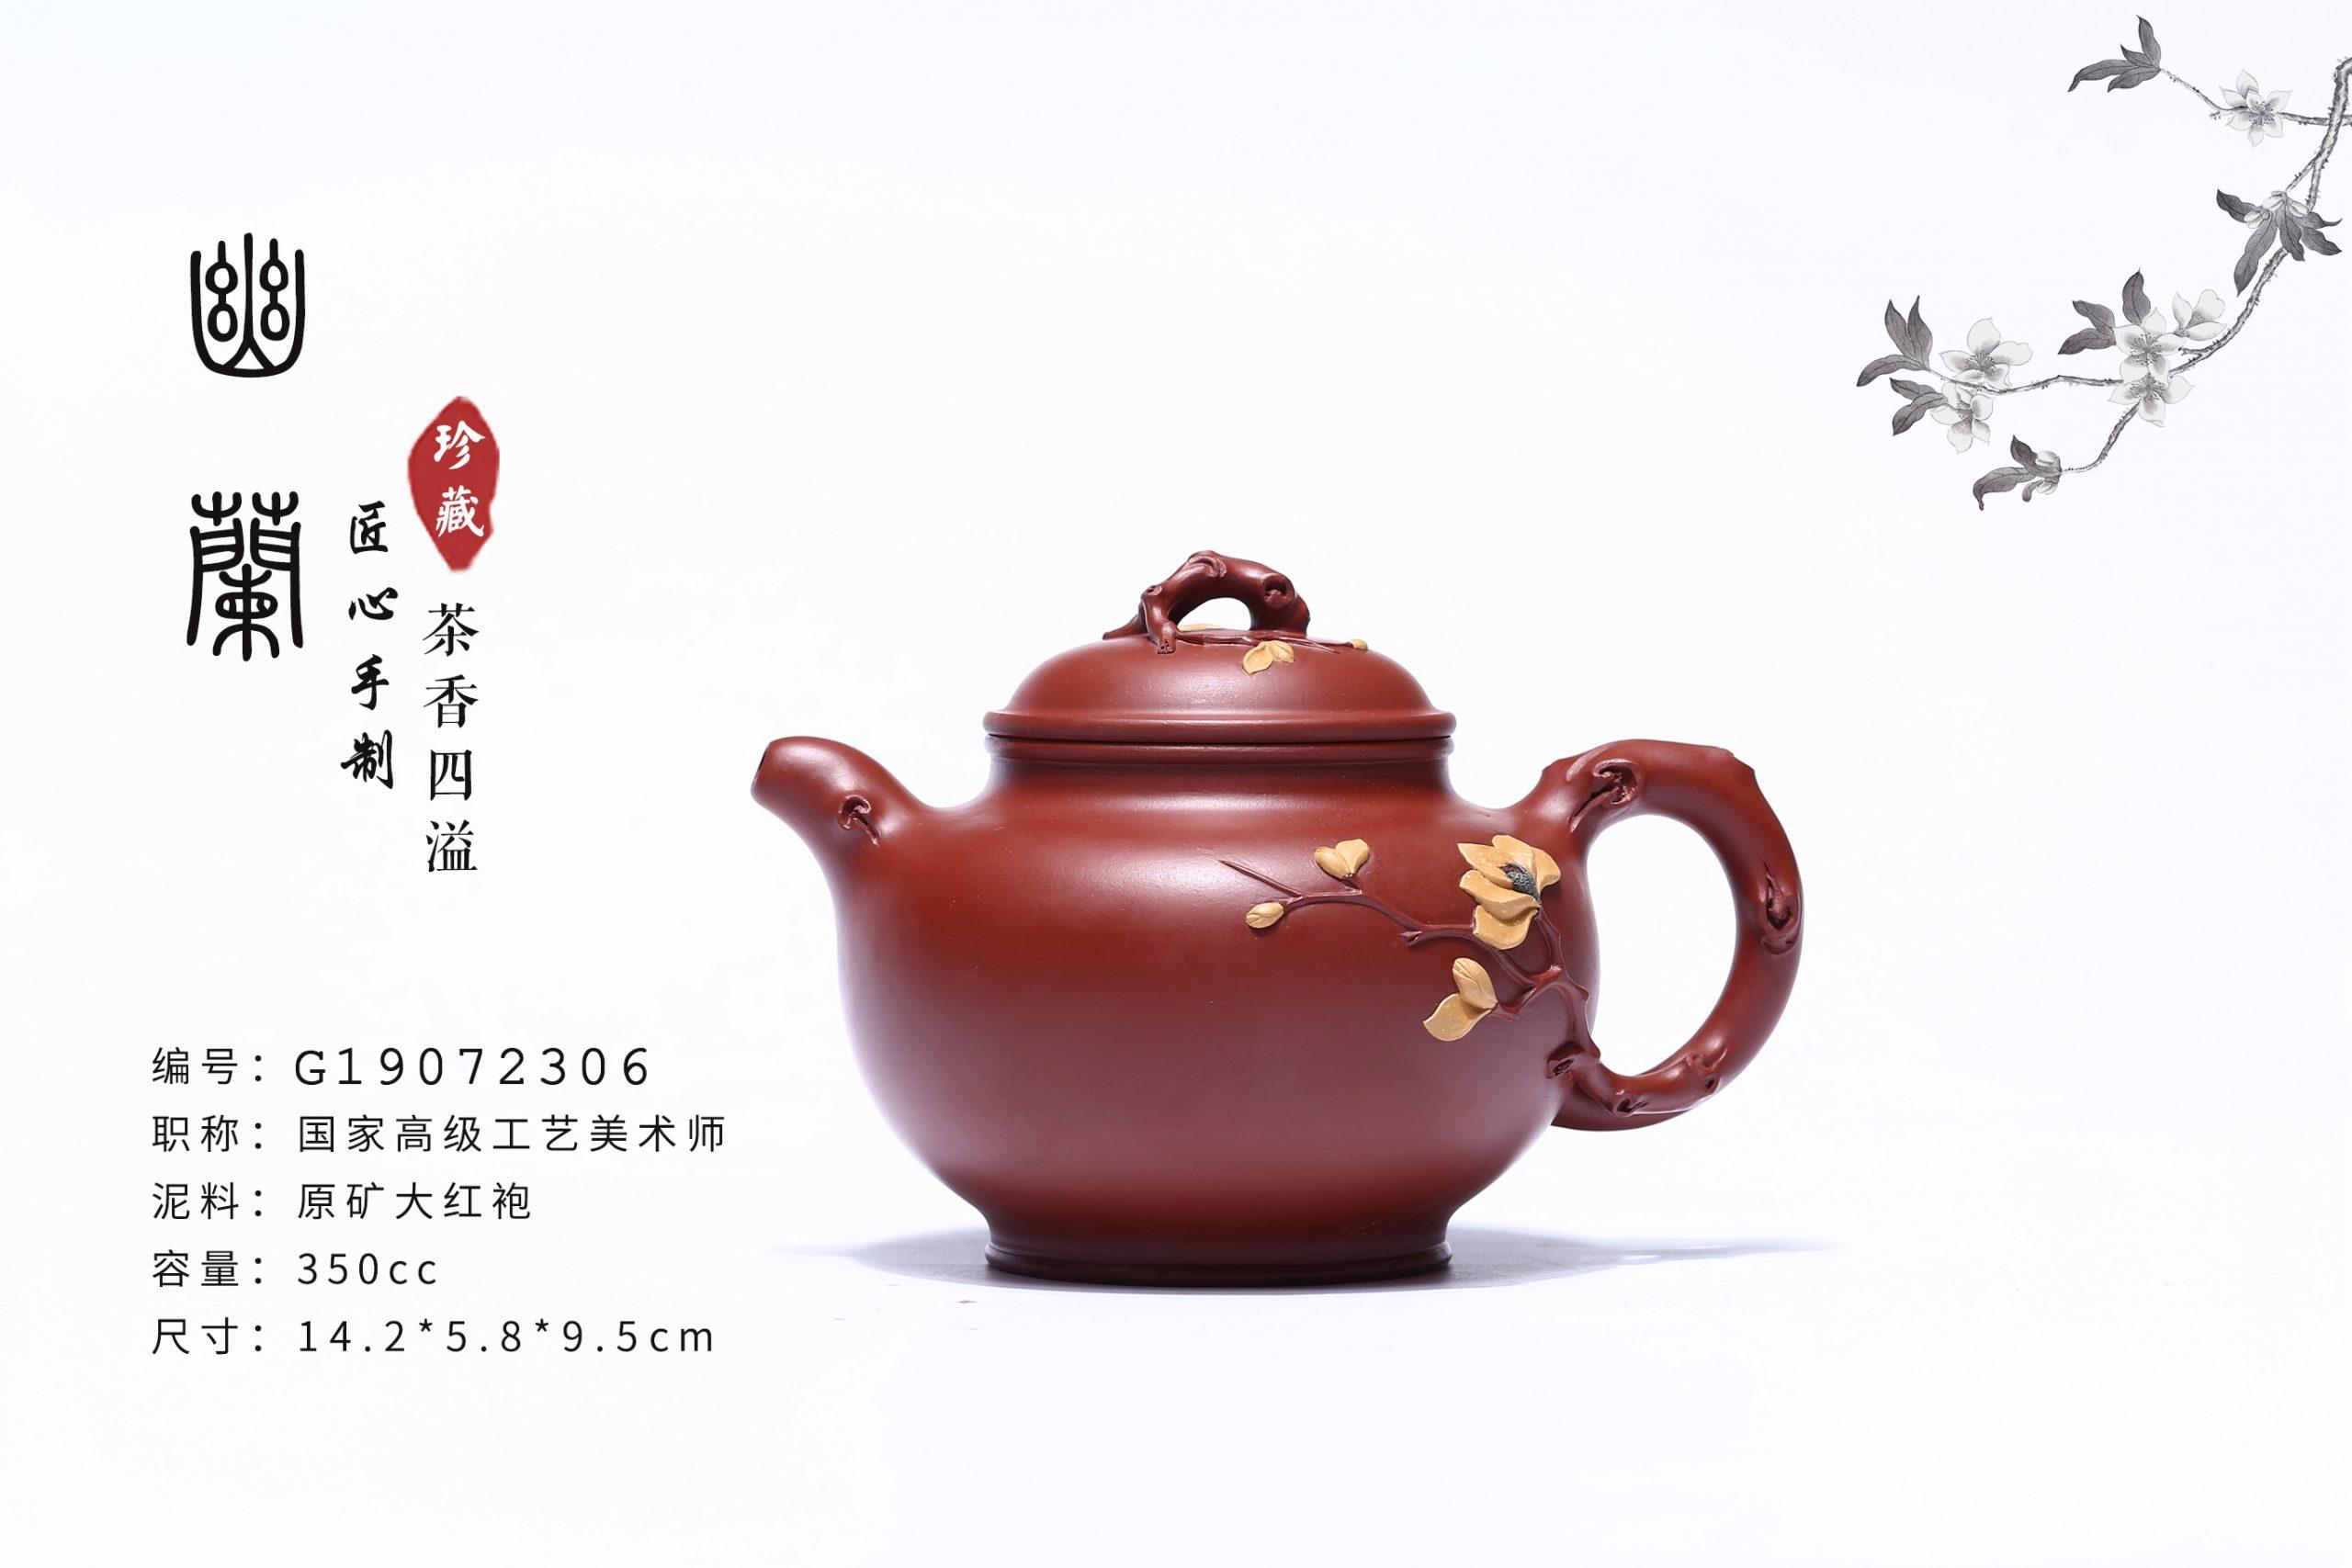 有哪些茶不适合用紫砂壶?